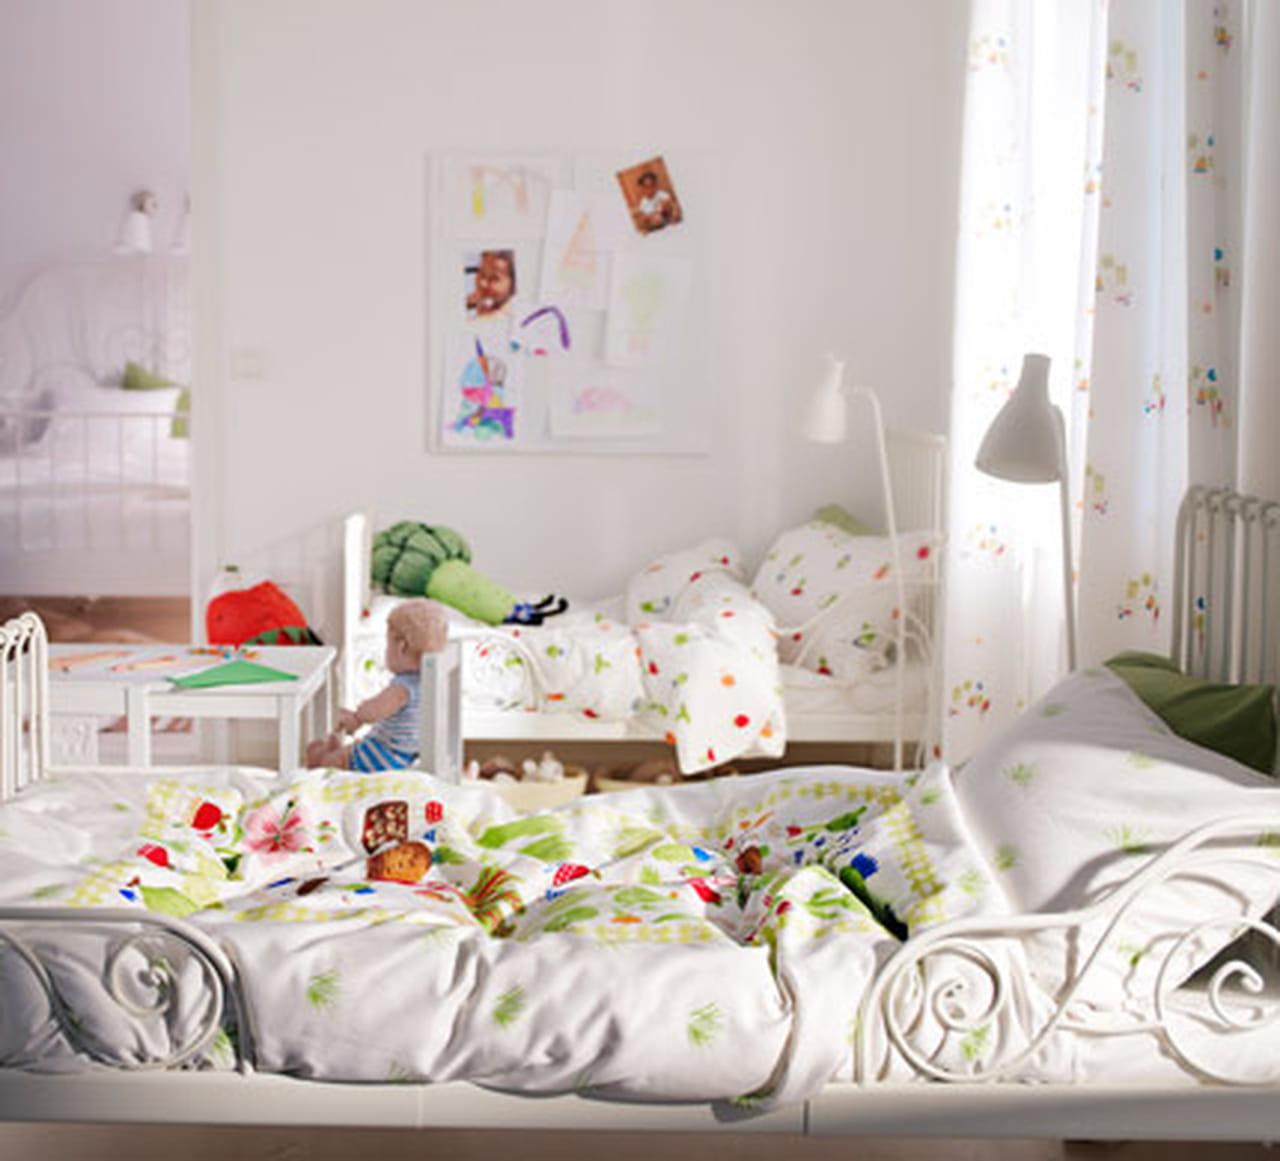 كتالوج إيكيا IKEA 2014.. جميع إحتياجات ديكورات المنزل تحت سقف واحد